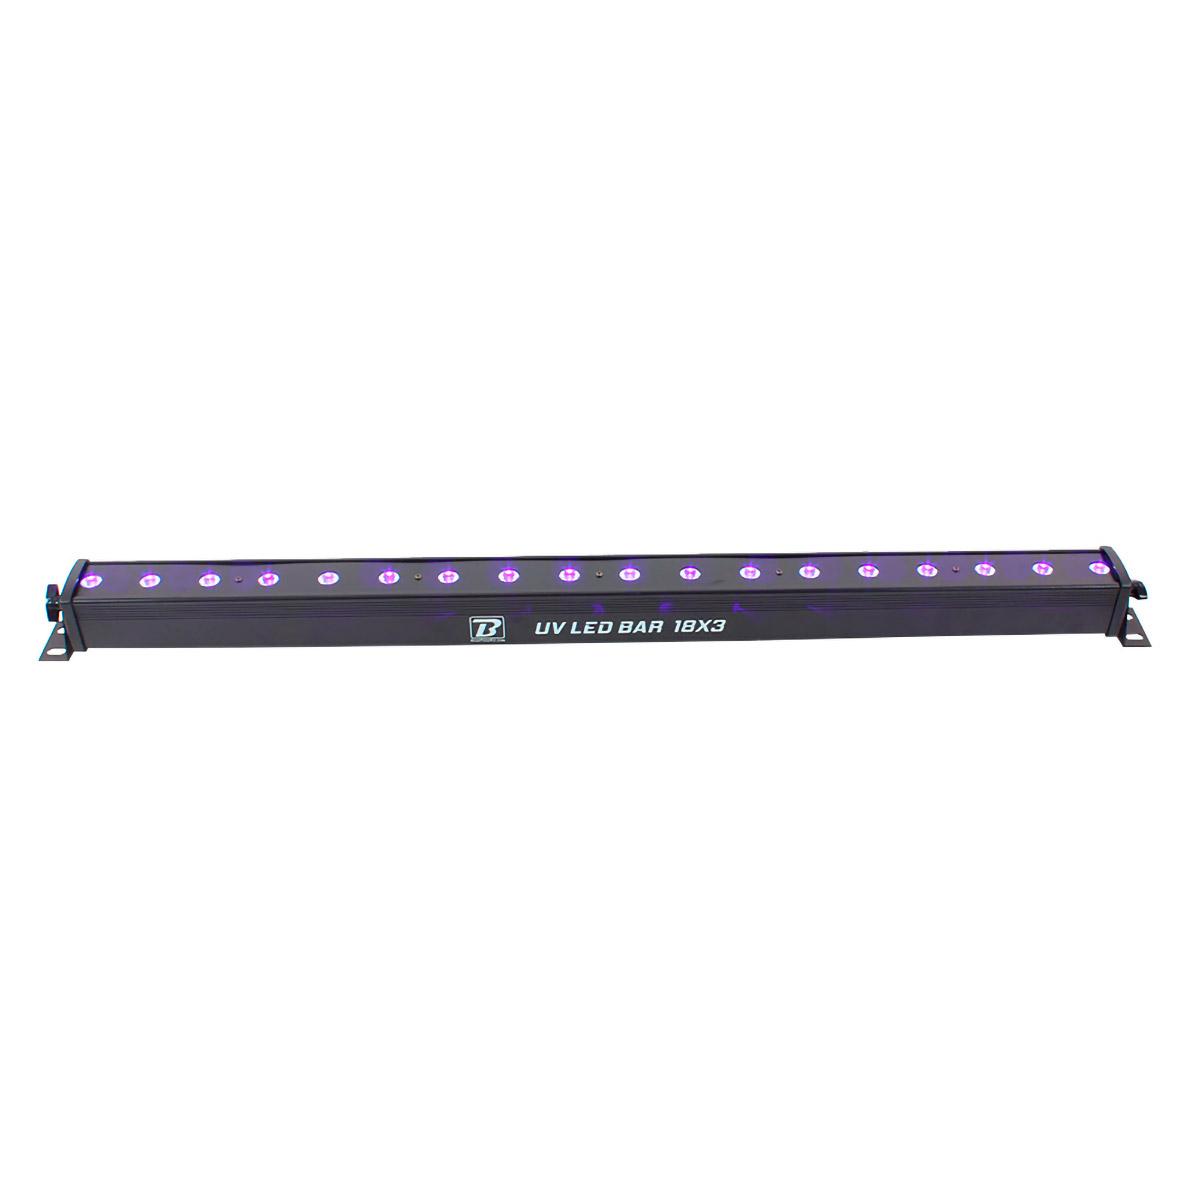 UV LED BAR 18X3